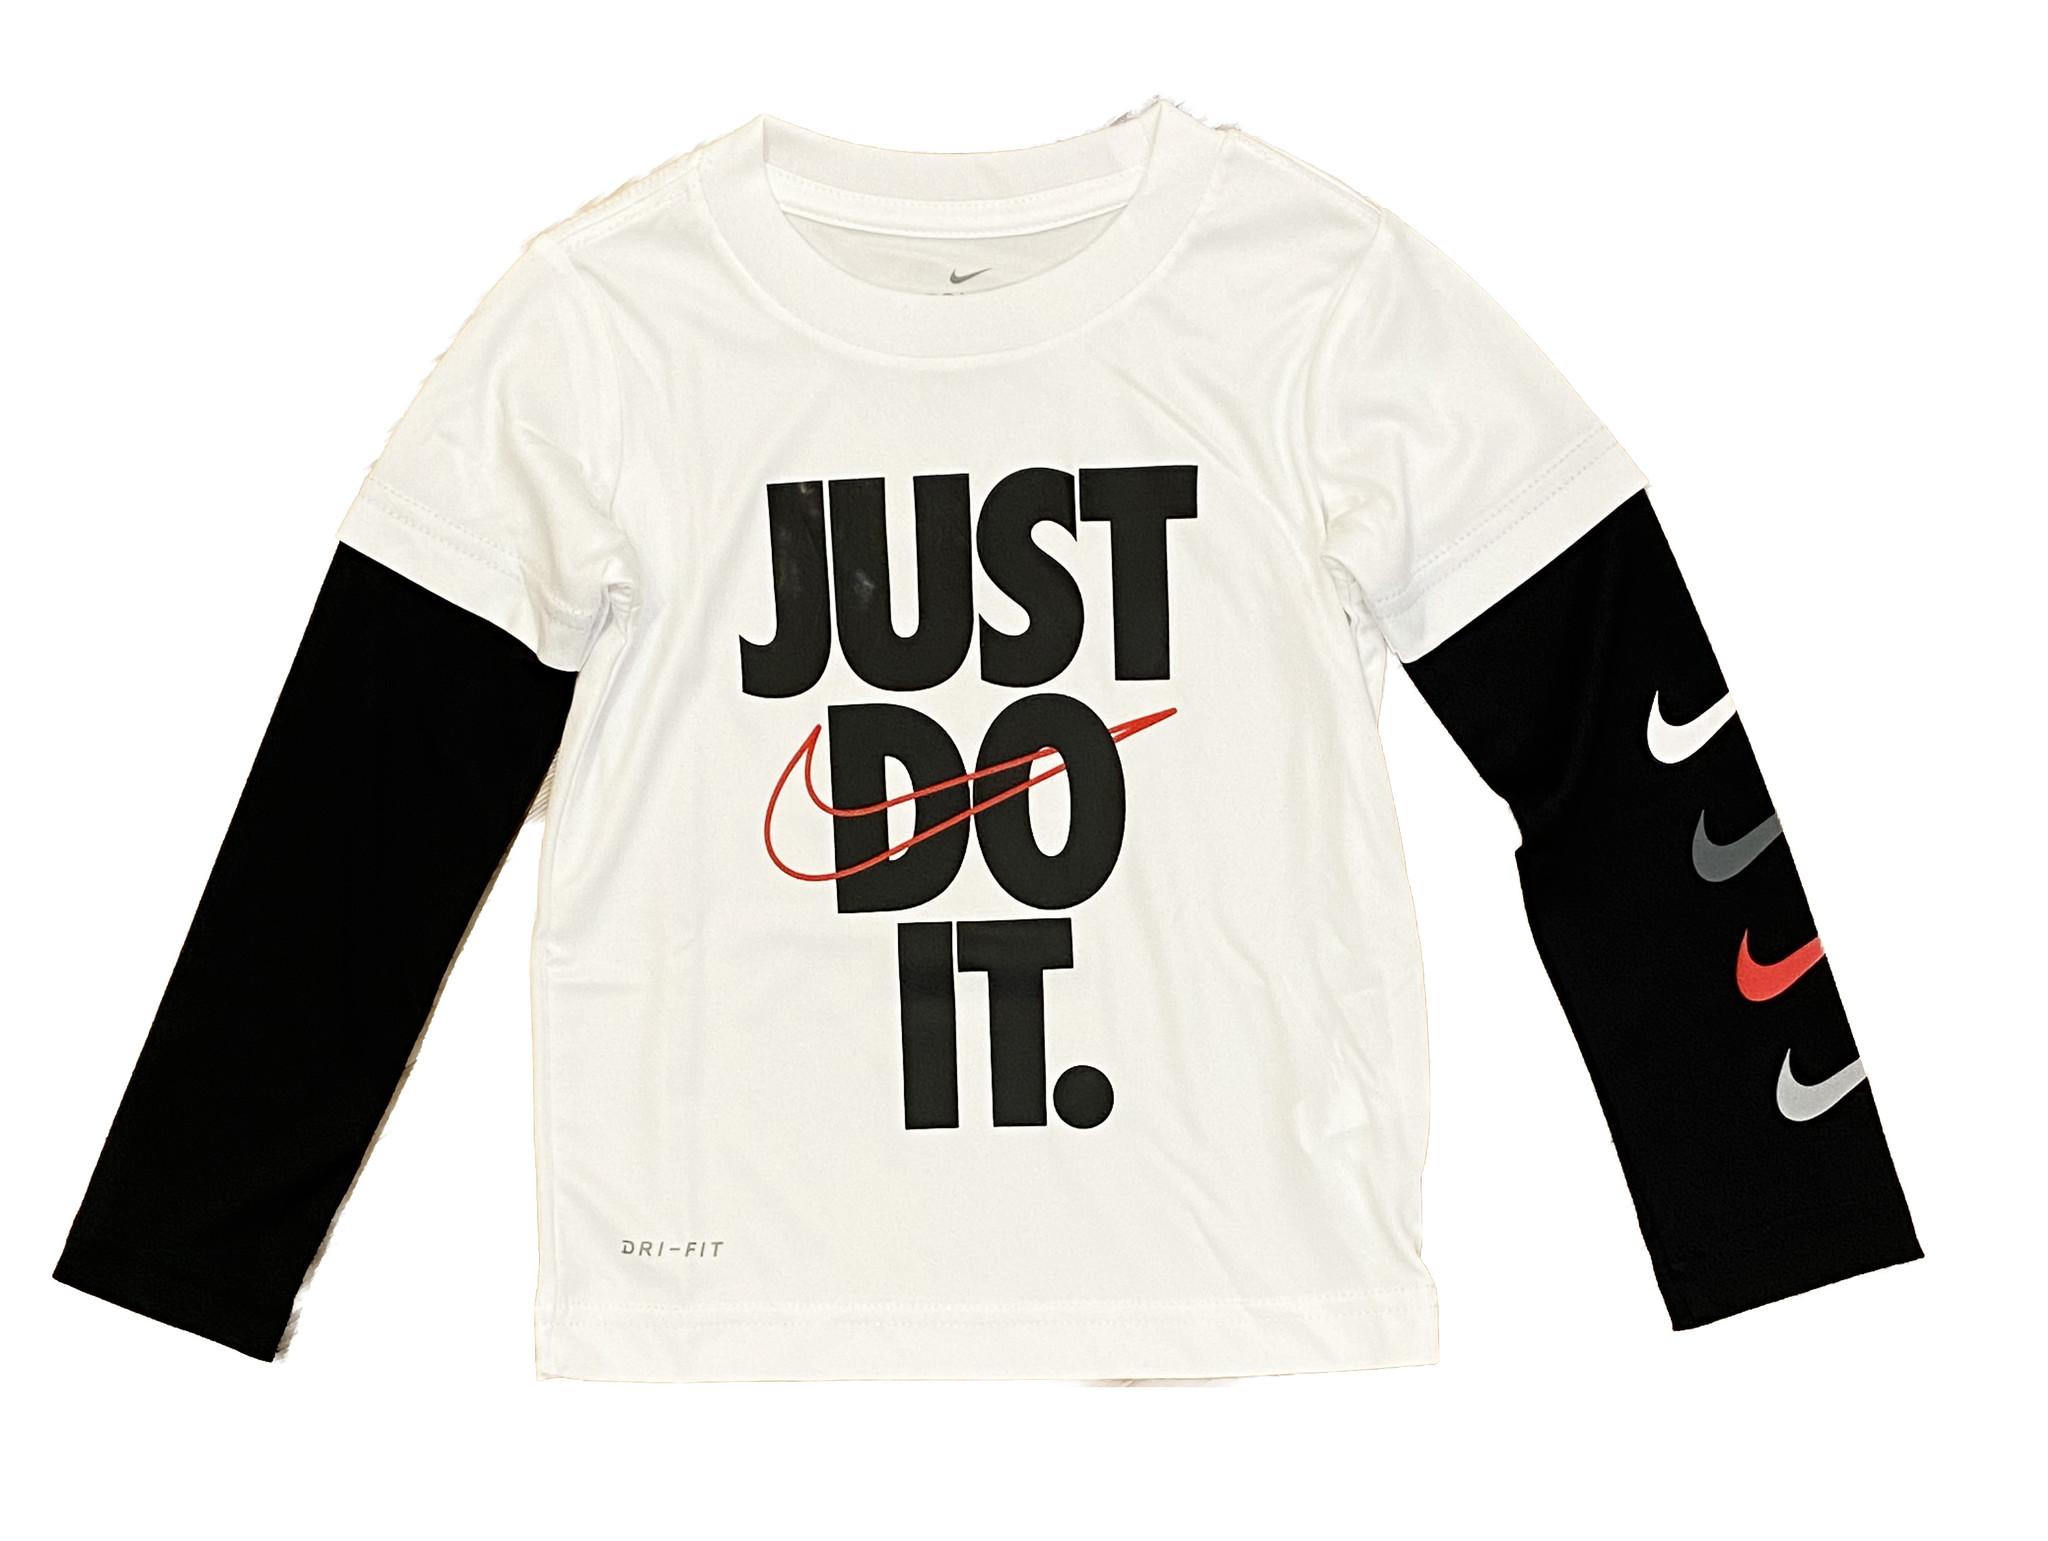 Nike Wht/Blk Do It Twofer Tee